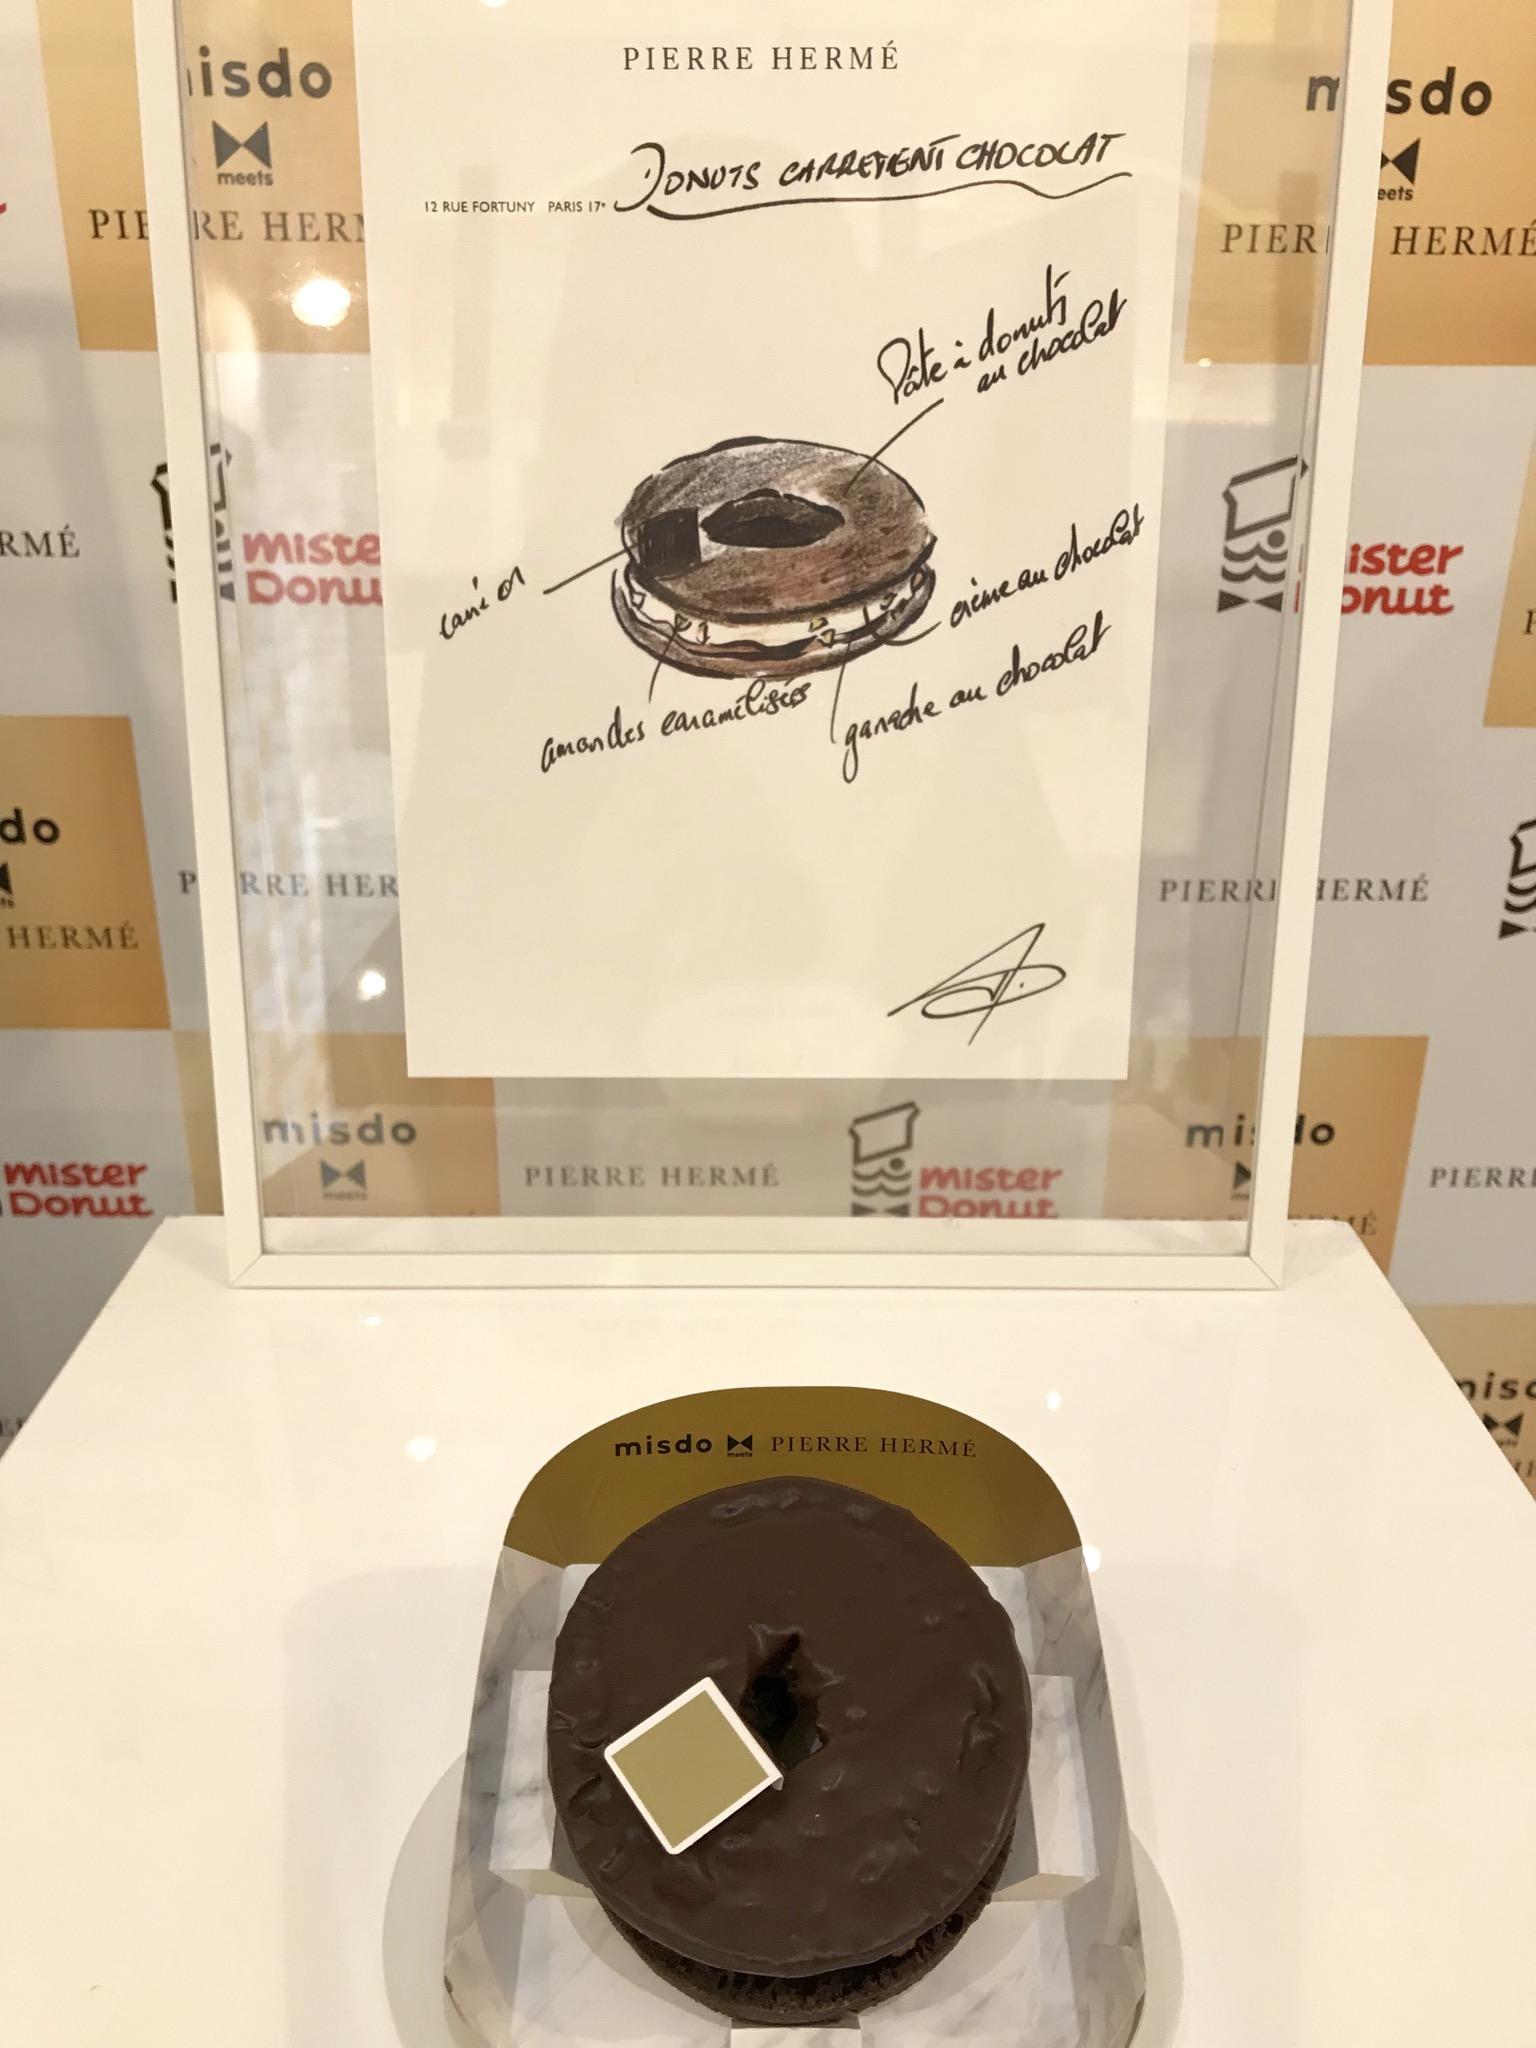 【ミスド 新作】『ピエール・エルメ』と共同開発♡ 「misdo meets PIERRE HERMÉ パティスリードーナツコレクション」を全品を食べてみた!_4